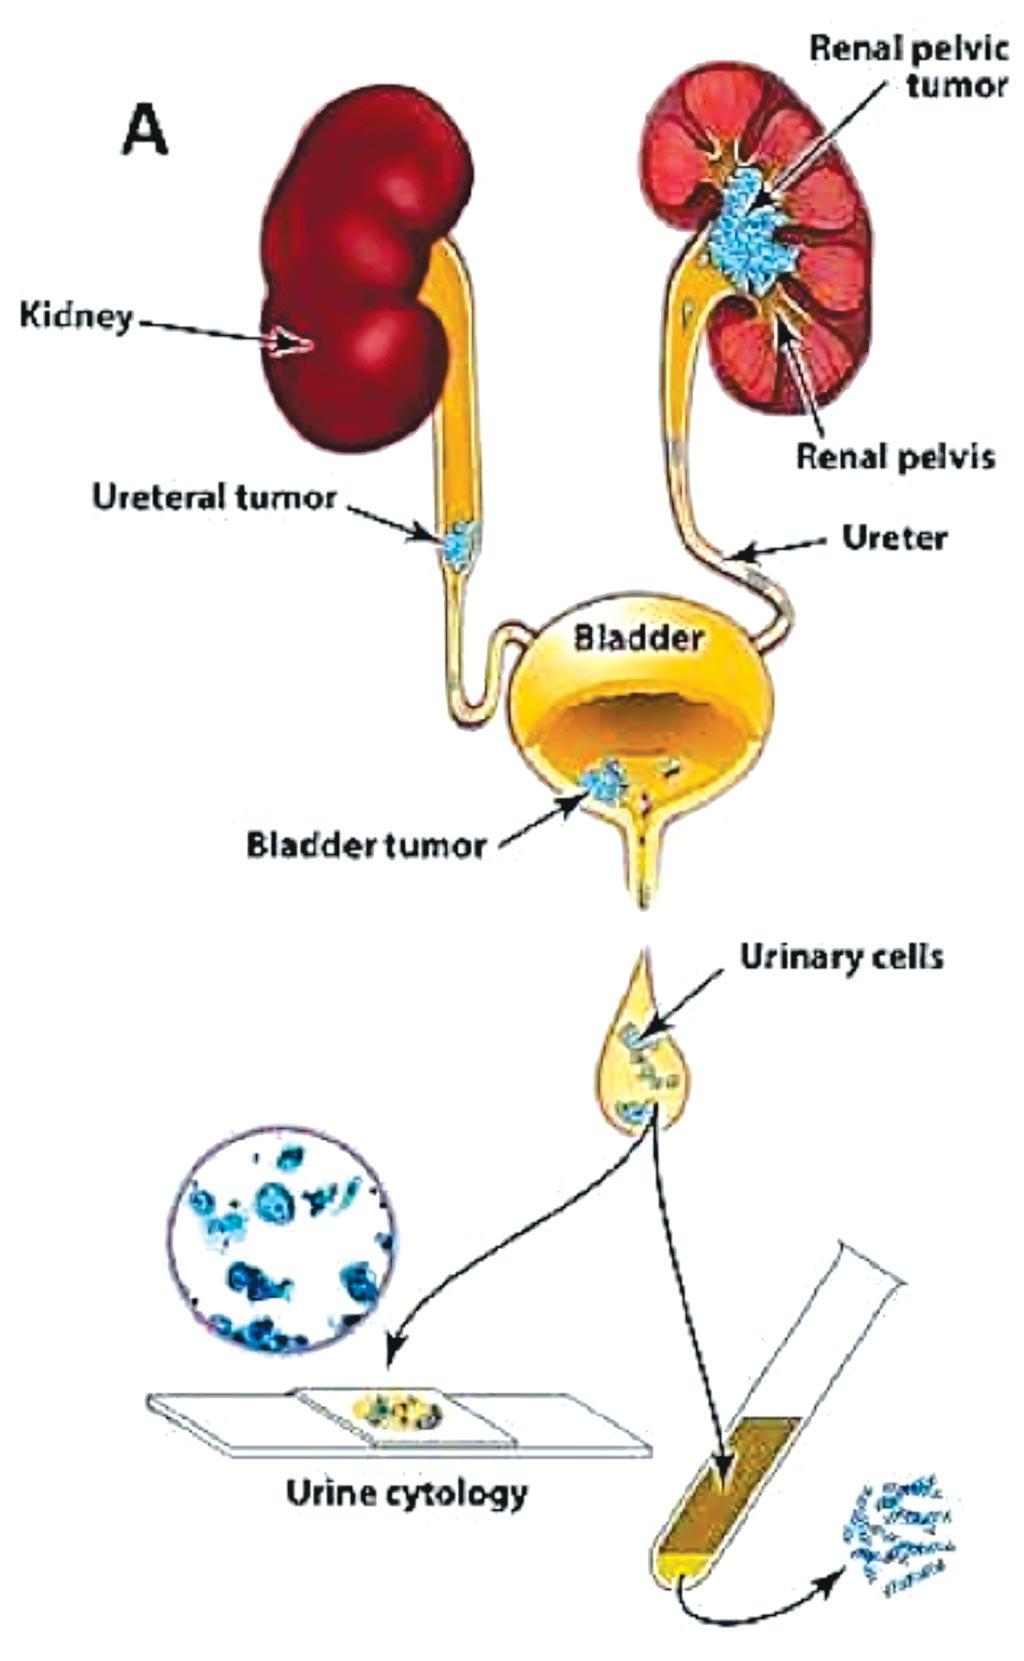 Imagen: Un diagrama del método utilizado para evaluar las células urinarias; El diseño del ensayo UroSEEK permite detectar neoplasias uroteliales que están en contacto directo con la orina (Fotografía cortesía de Johns Hopkins Medicine).